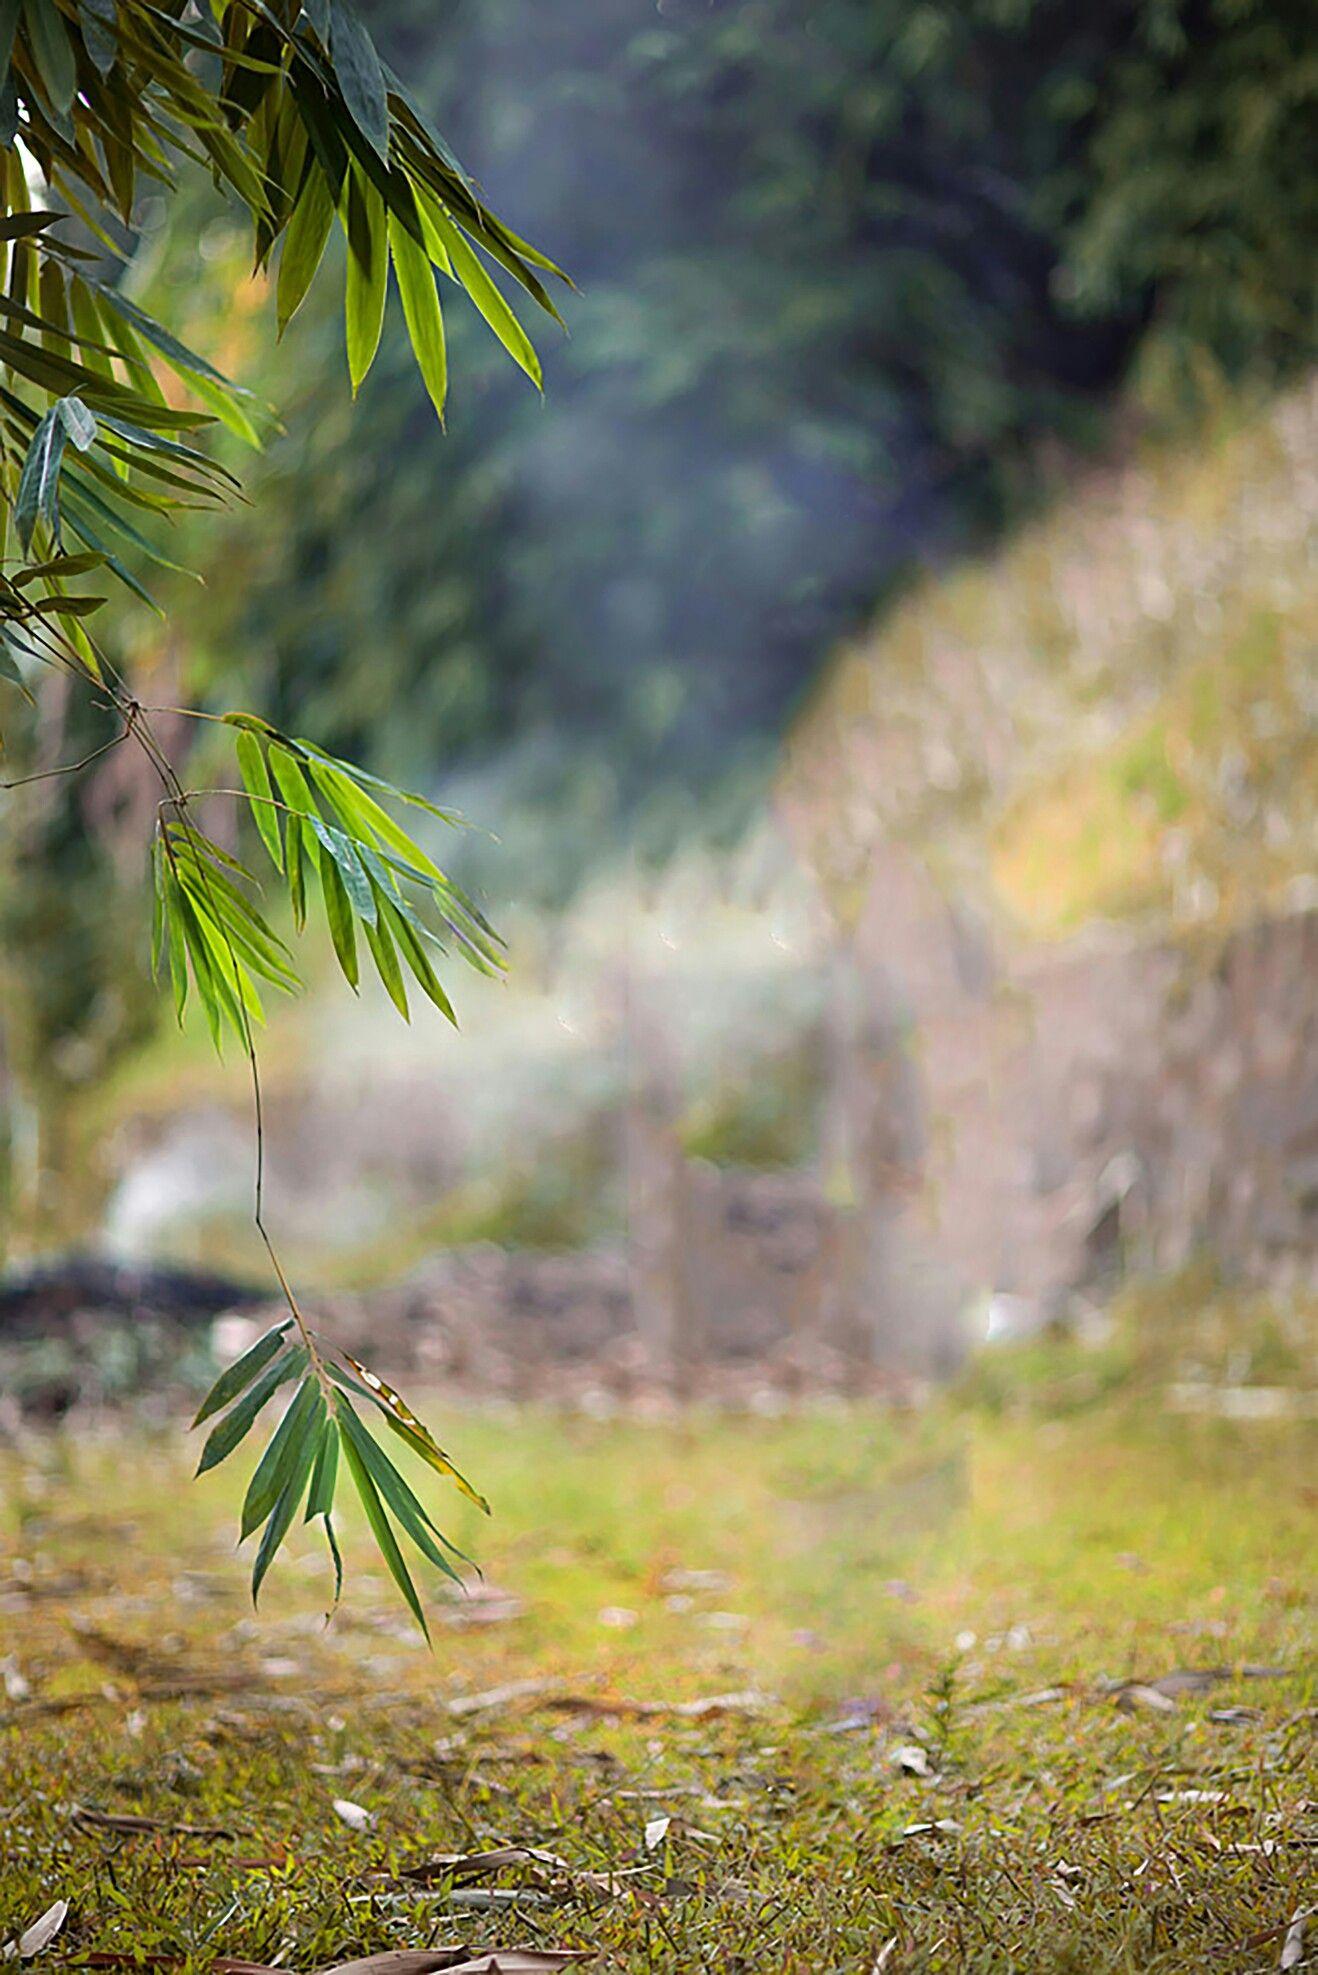 Pin By Aj On Aj Blur Photo Background Love Background Images Photo Background Images